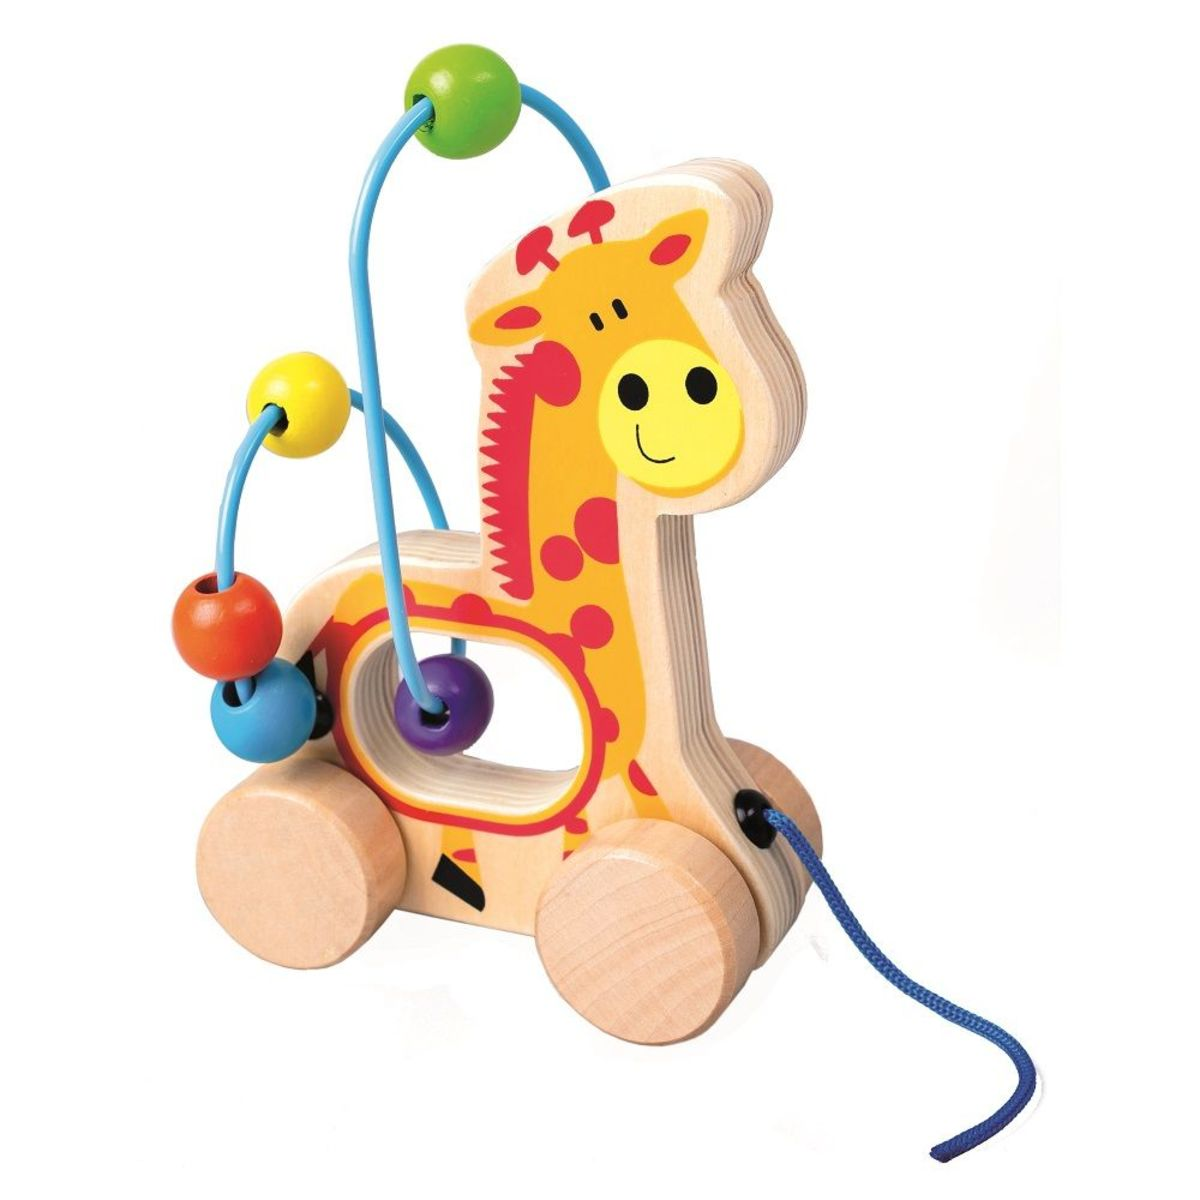 Jazdiaci žirafa Magda s motorickým labyrintom Giraffe bead maze